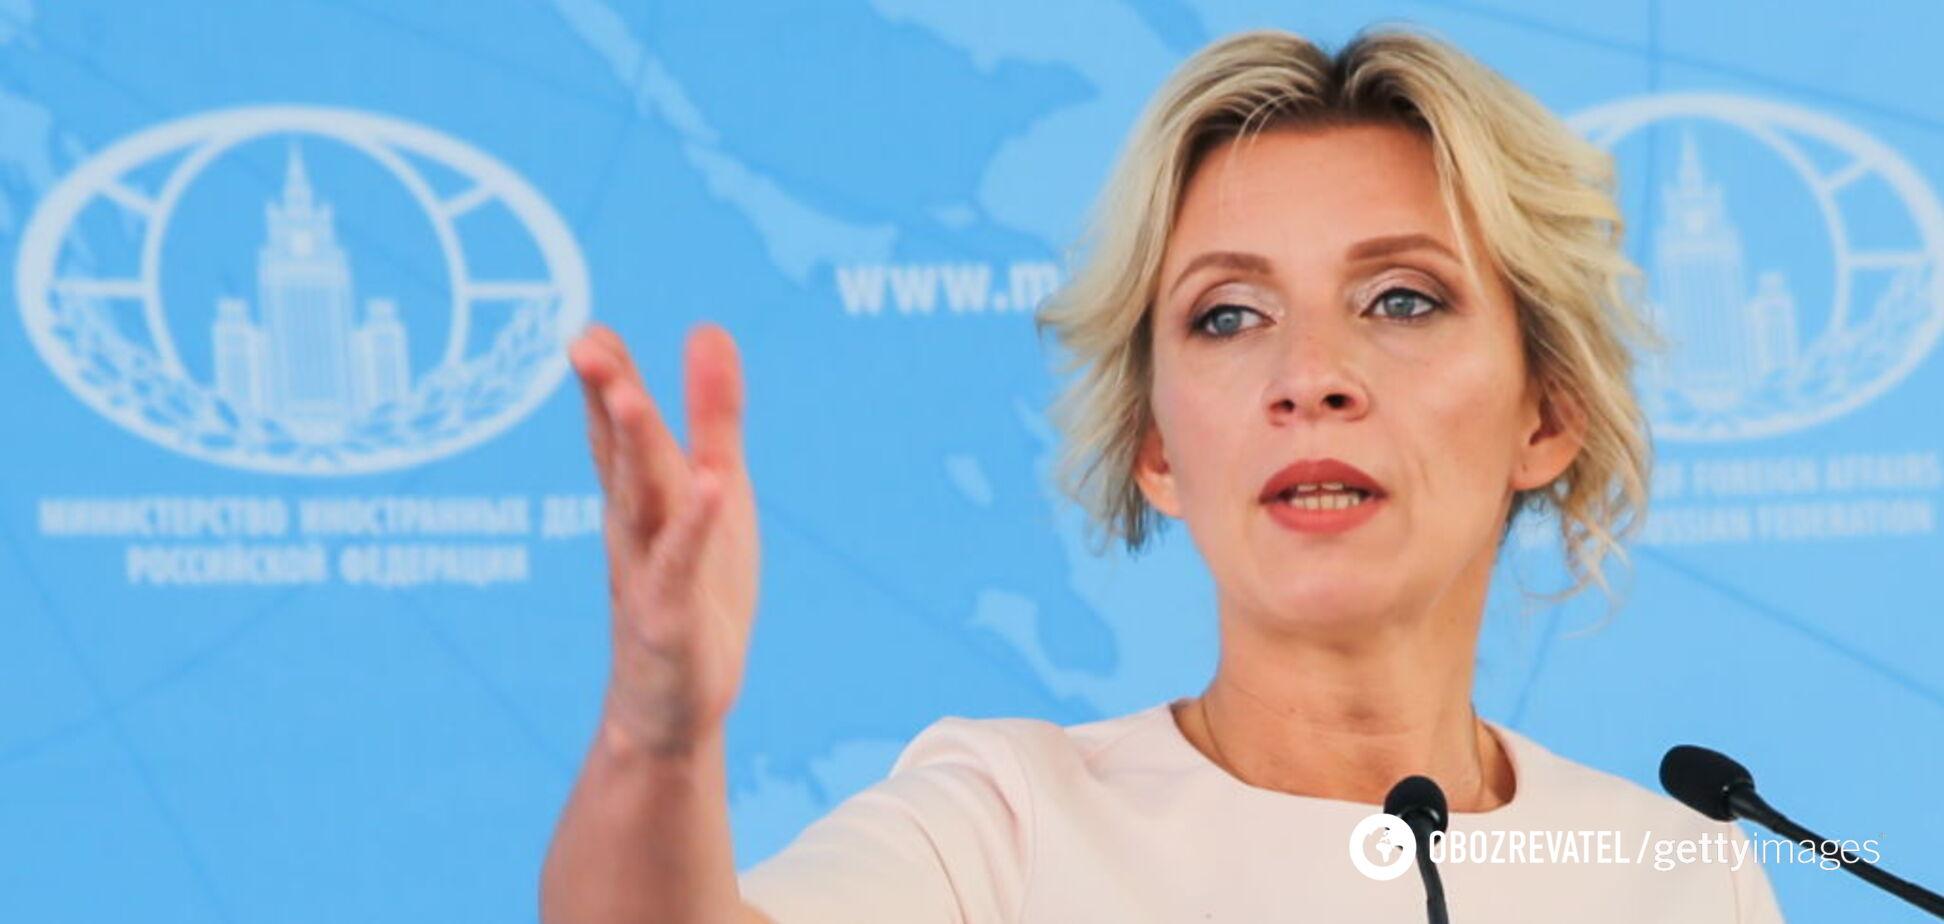 'Це все фотошоп!' Захарову рознесли за брехню щодо Донбасу